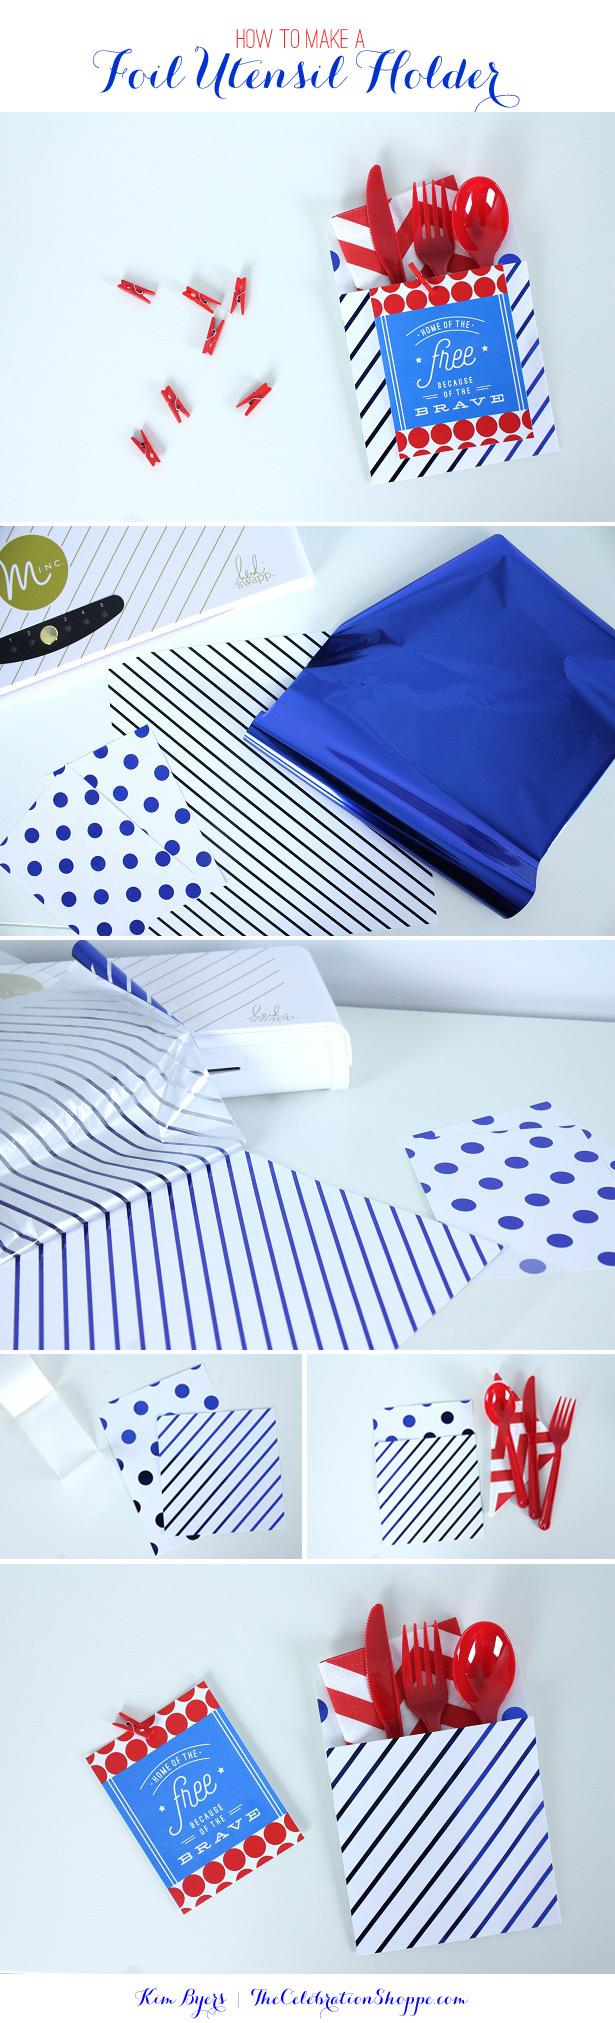 Make A Foil Utensil Holder